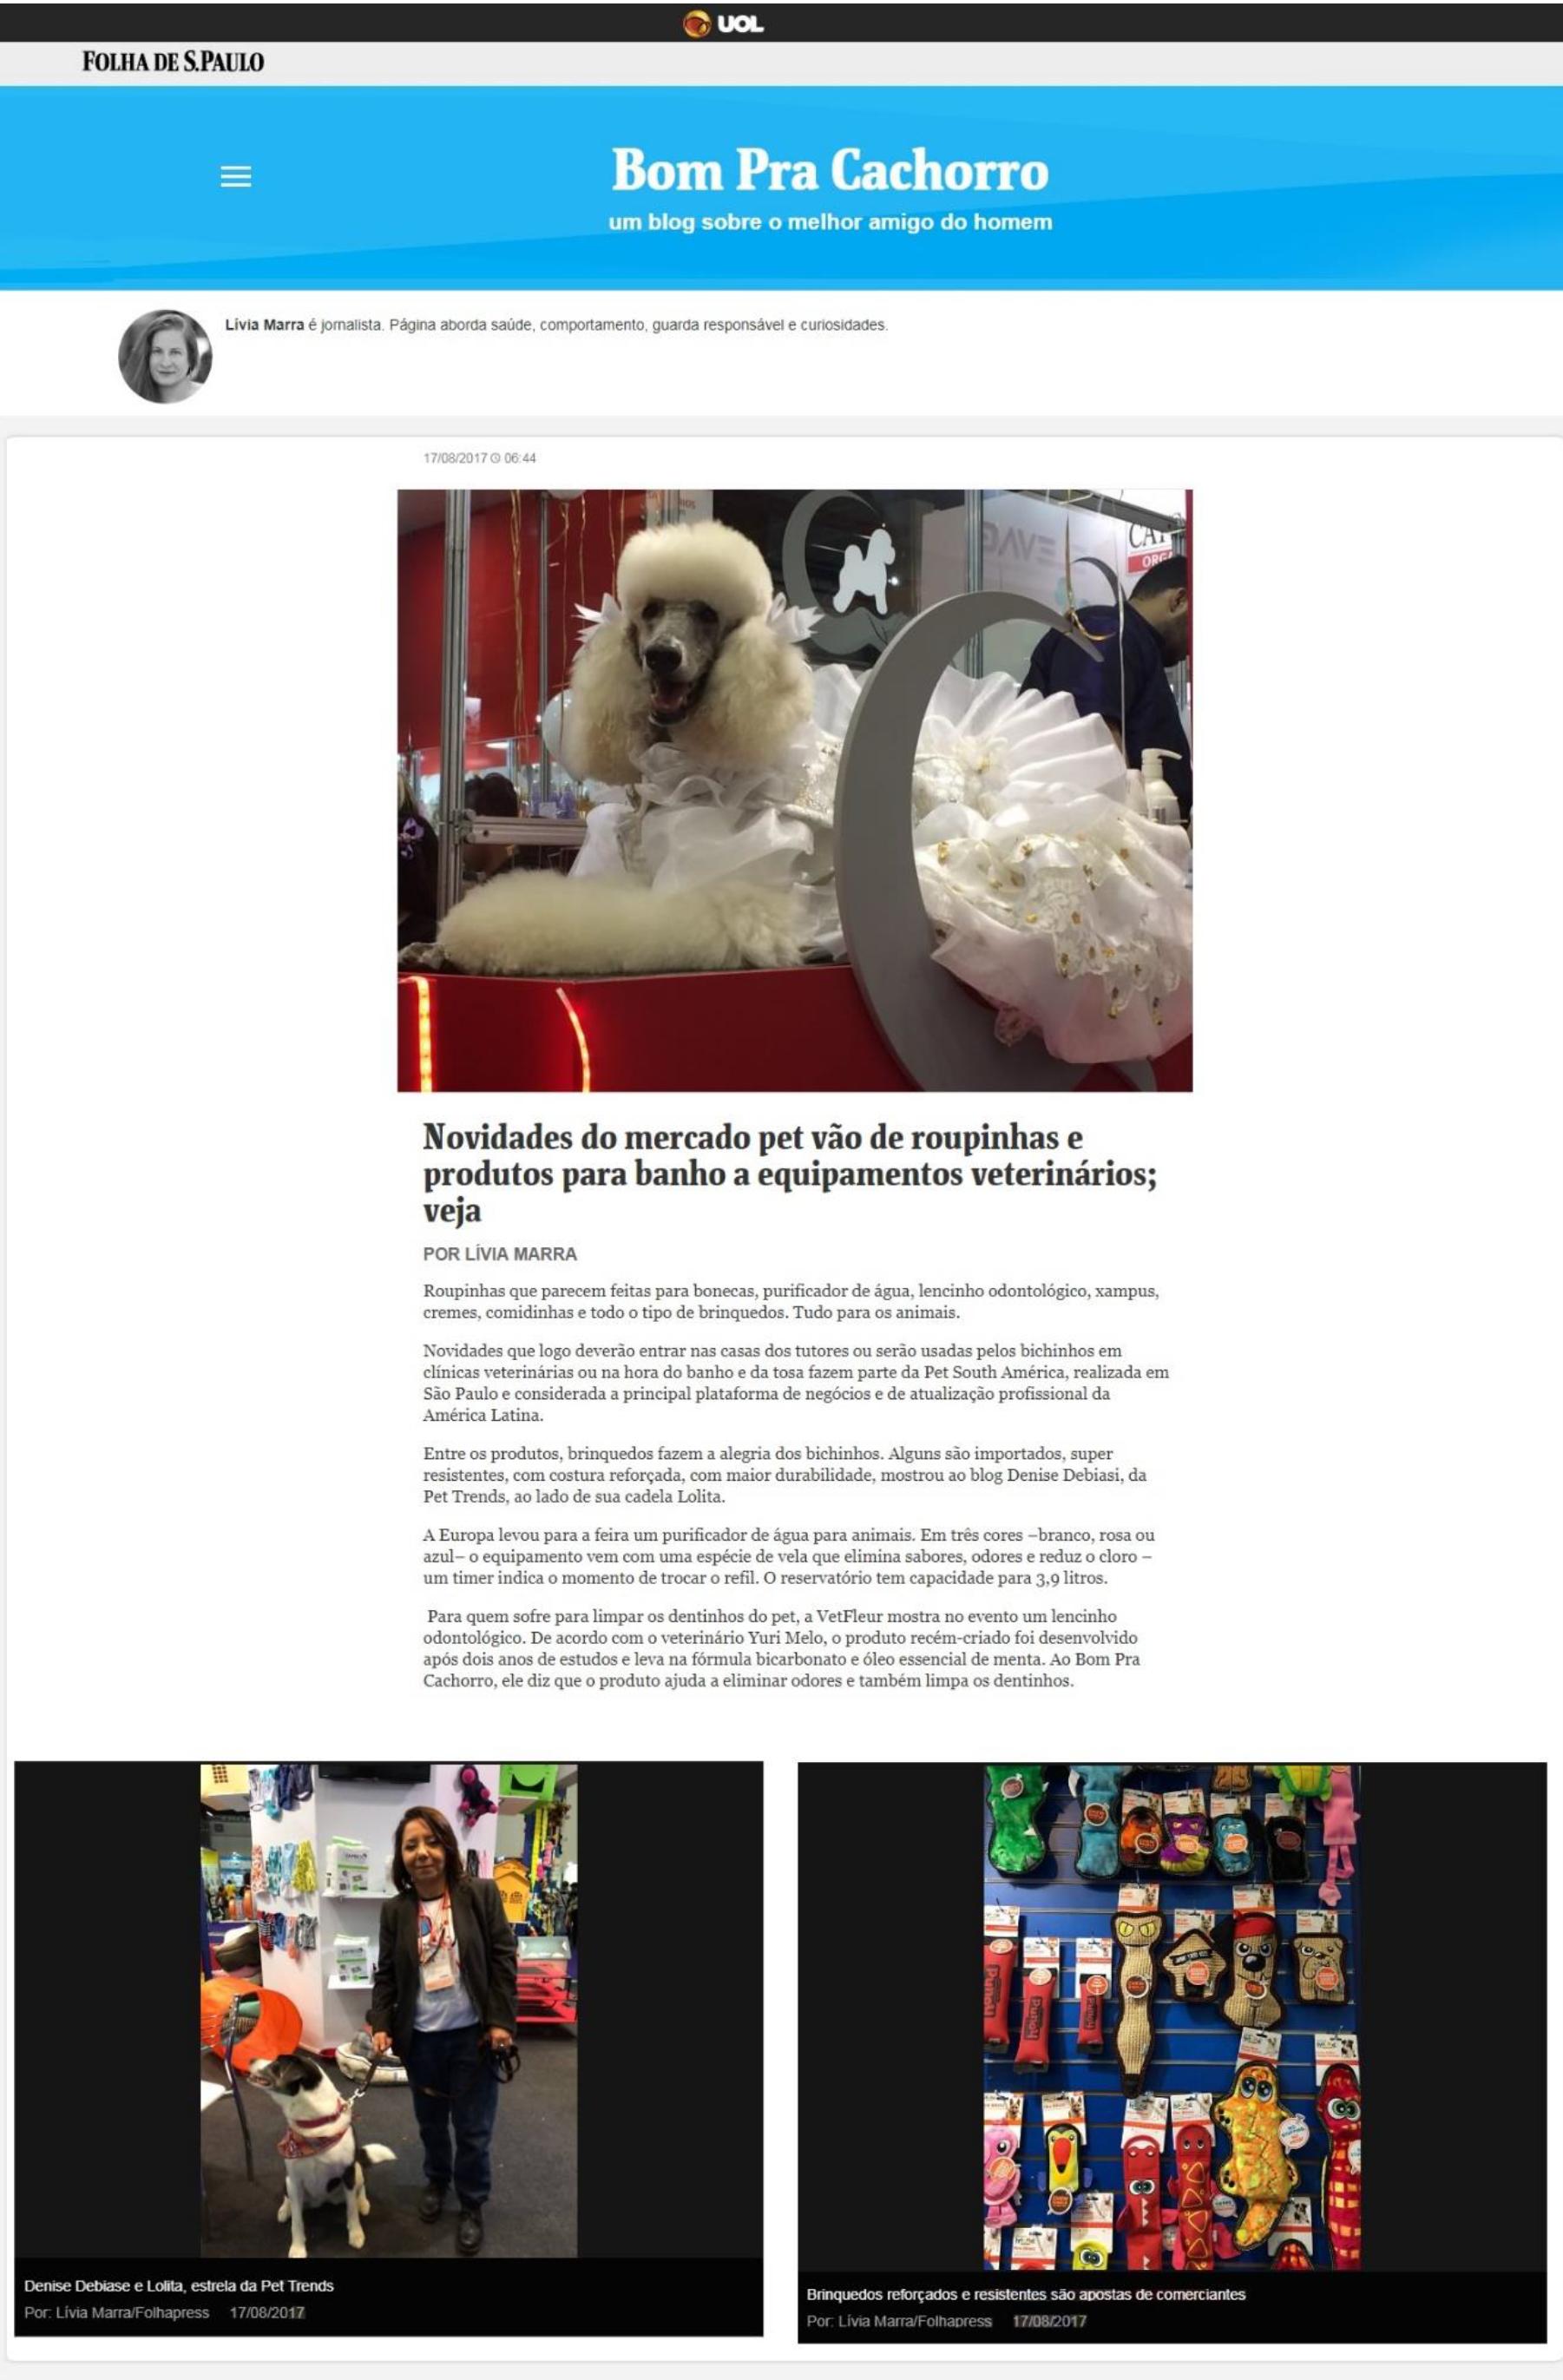 Bom pra Cachorro da Folha de S.Paulo fala sobre novidades Pet South America 2017